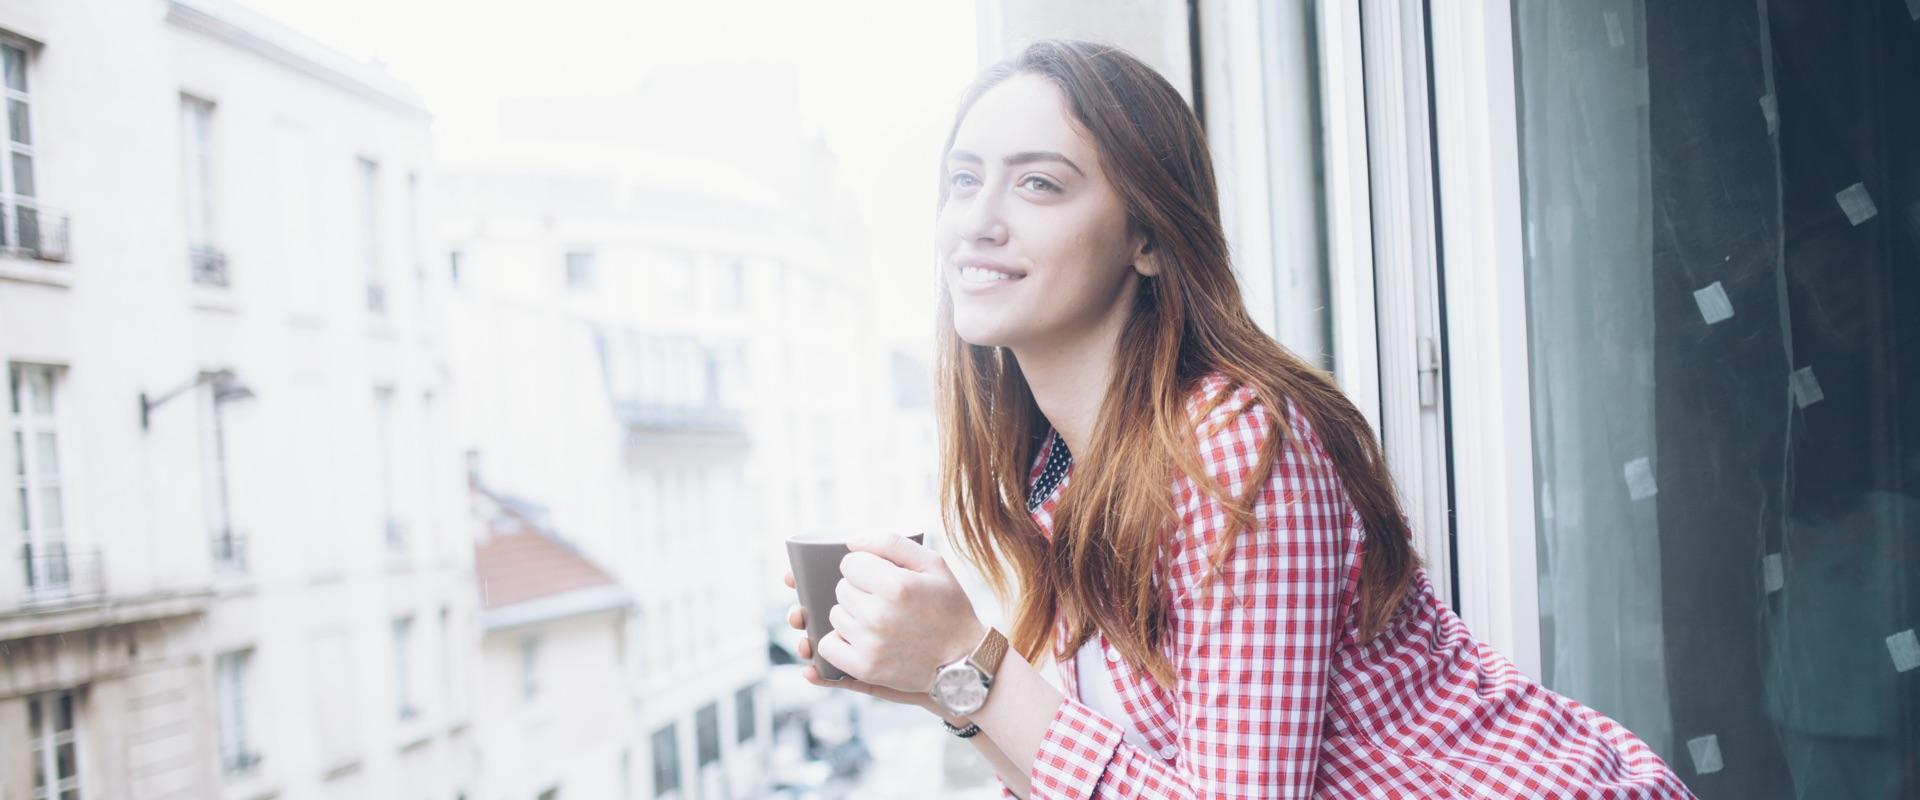 Junge Frau mit einer Tasse Kaffee blickt entspannt aus dem Fenster.